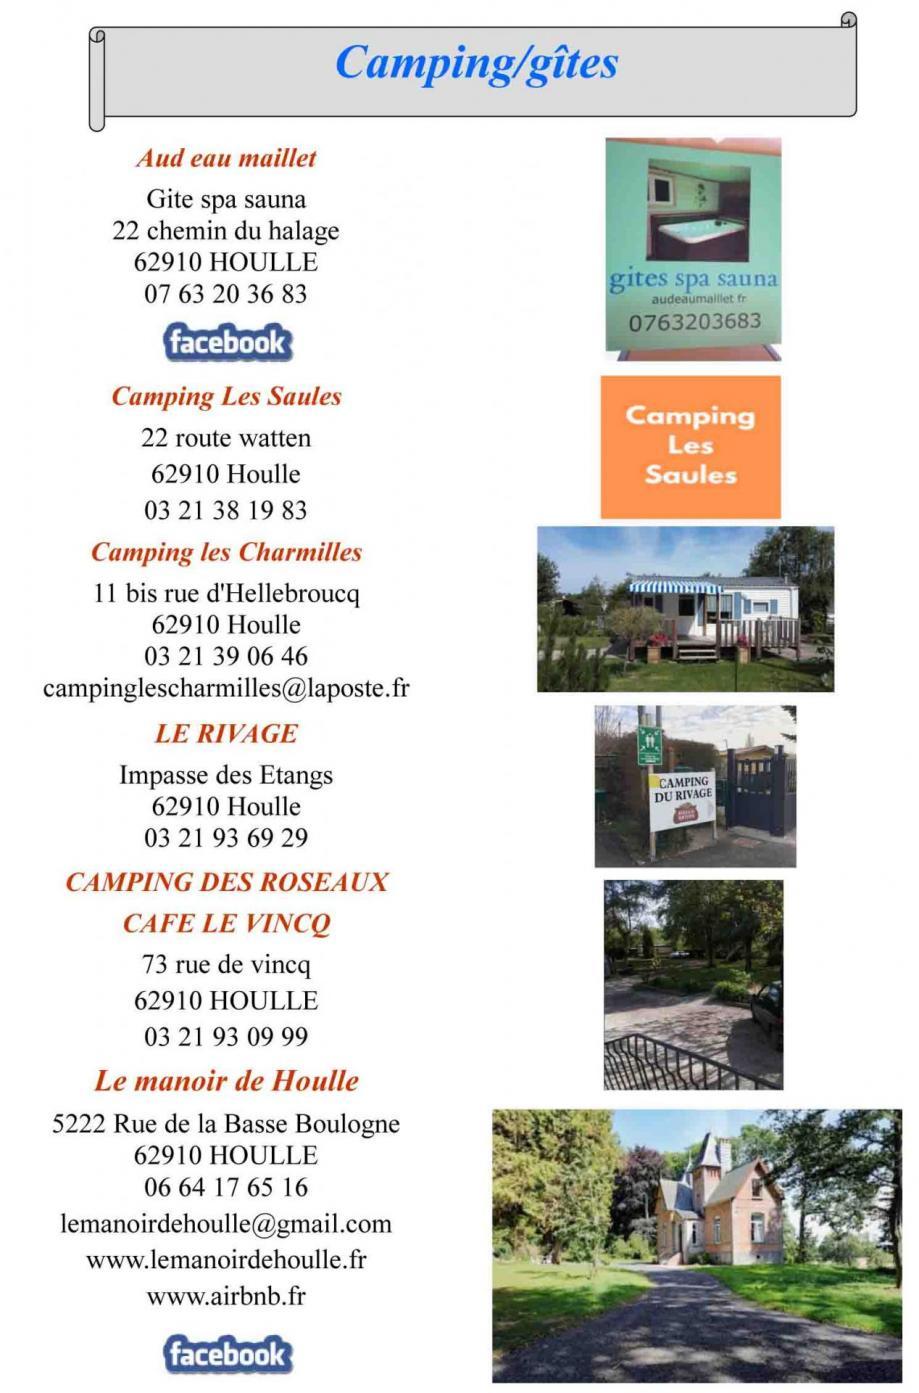 Campings gites